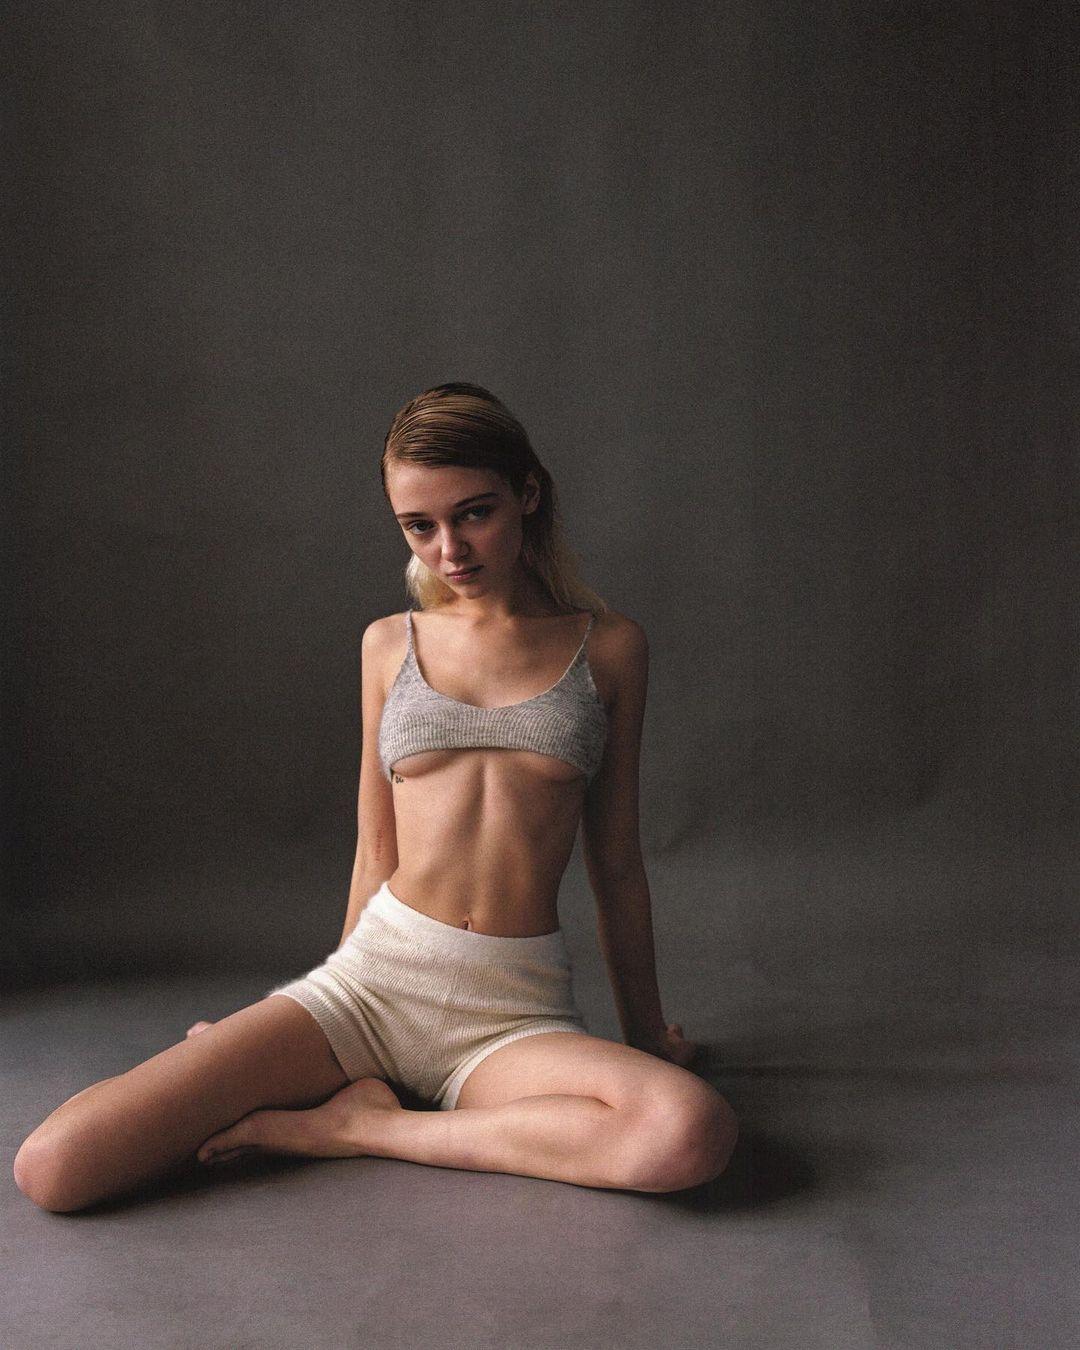 Olesya Ivanishcheva by Sasha Tsyganok